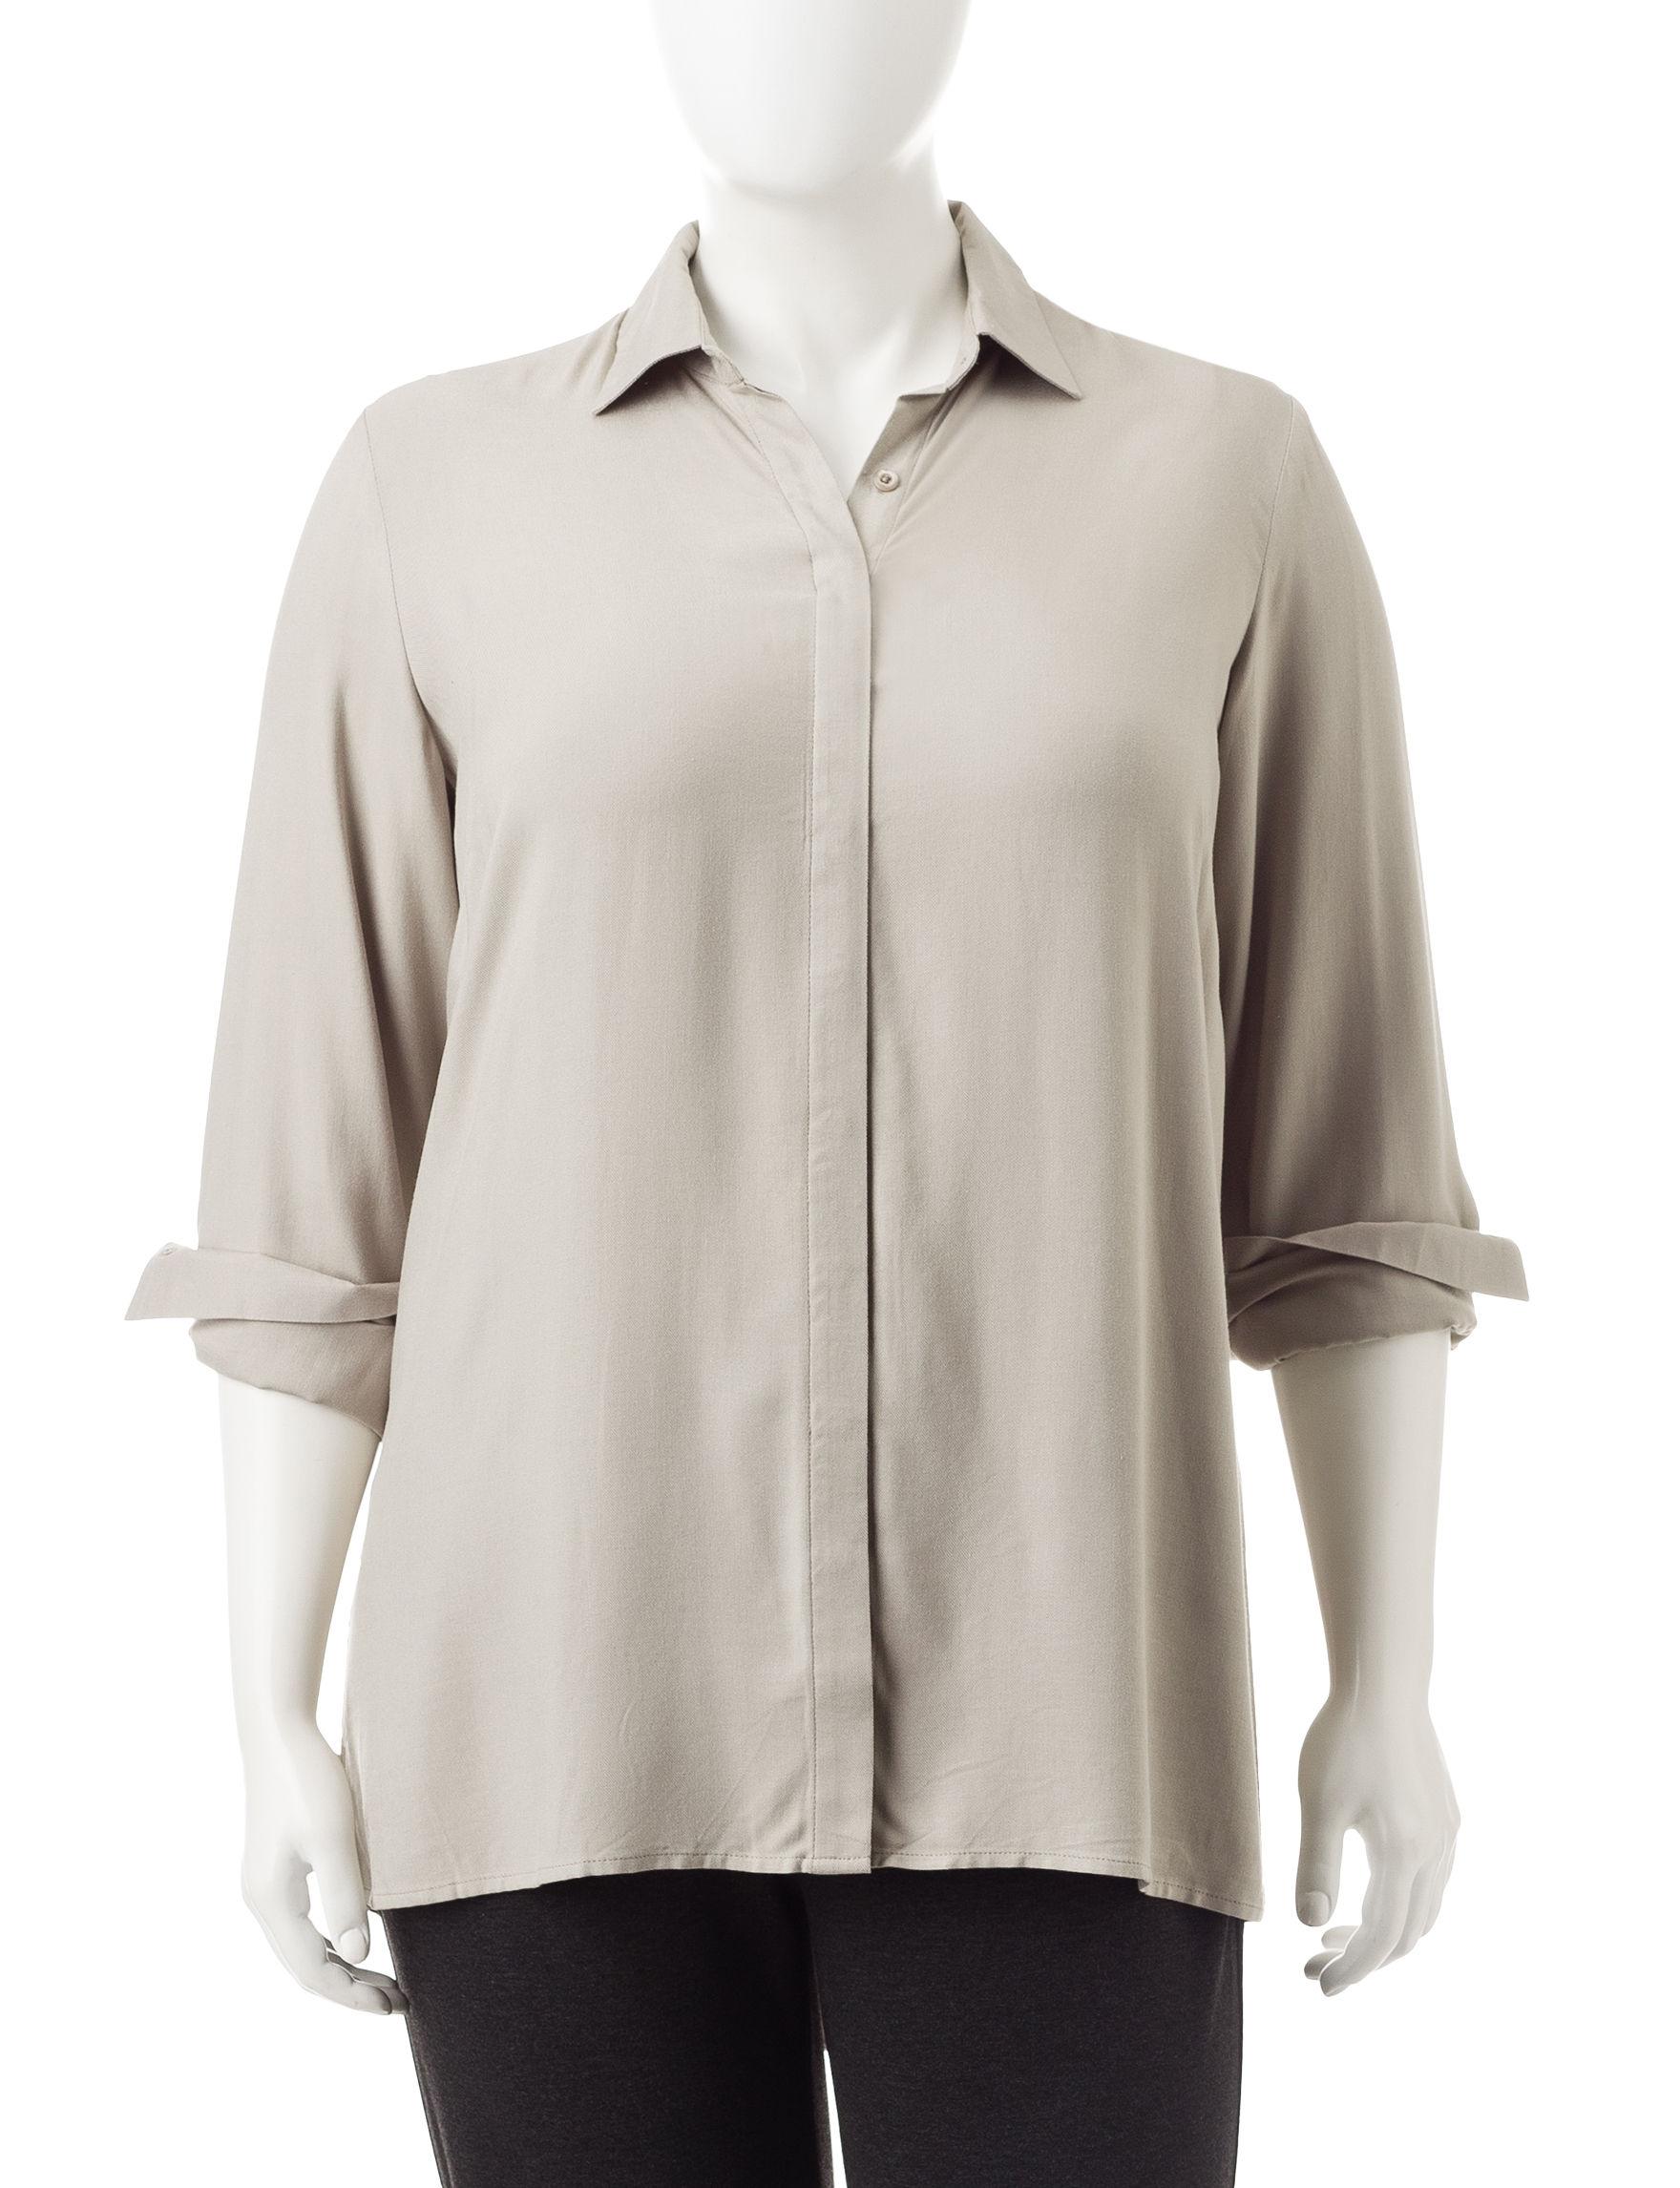 Valerie Stevens Brown Shirts & Blouses